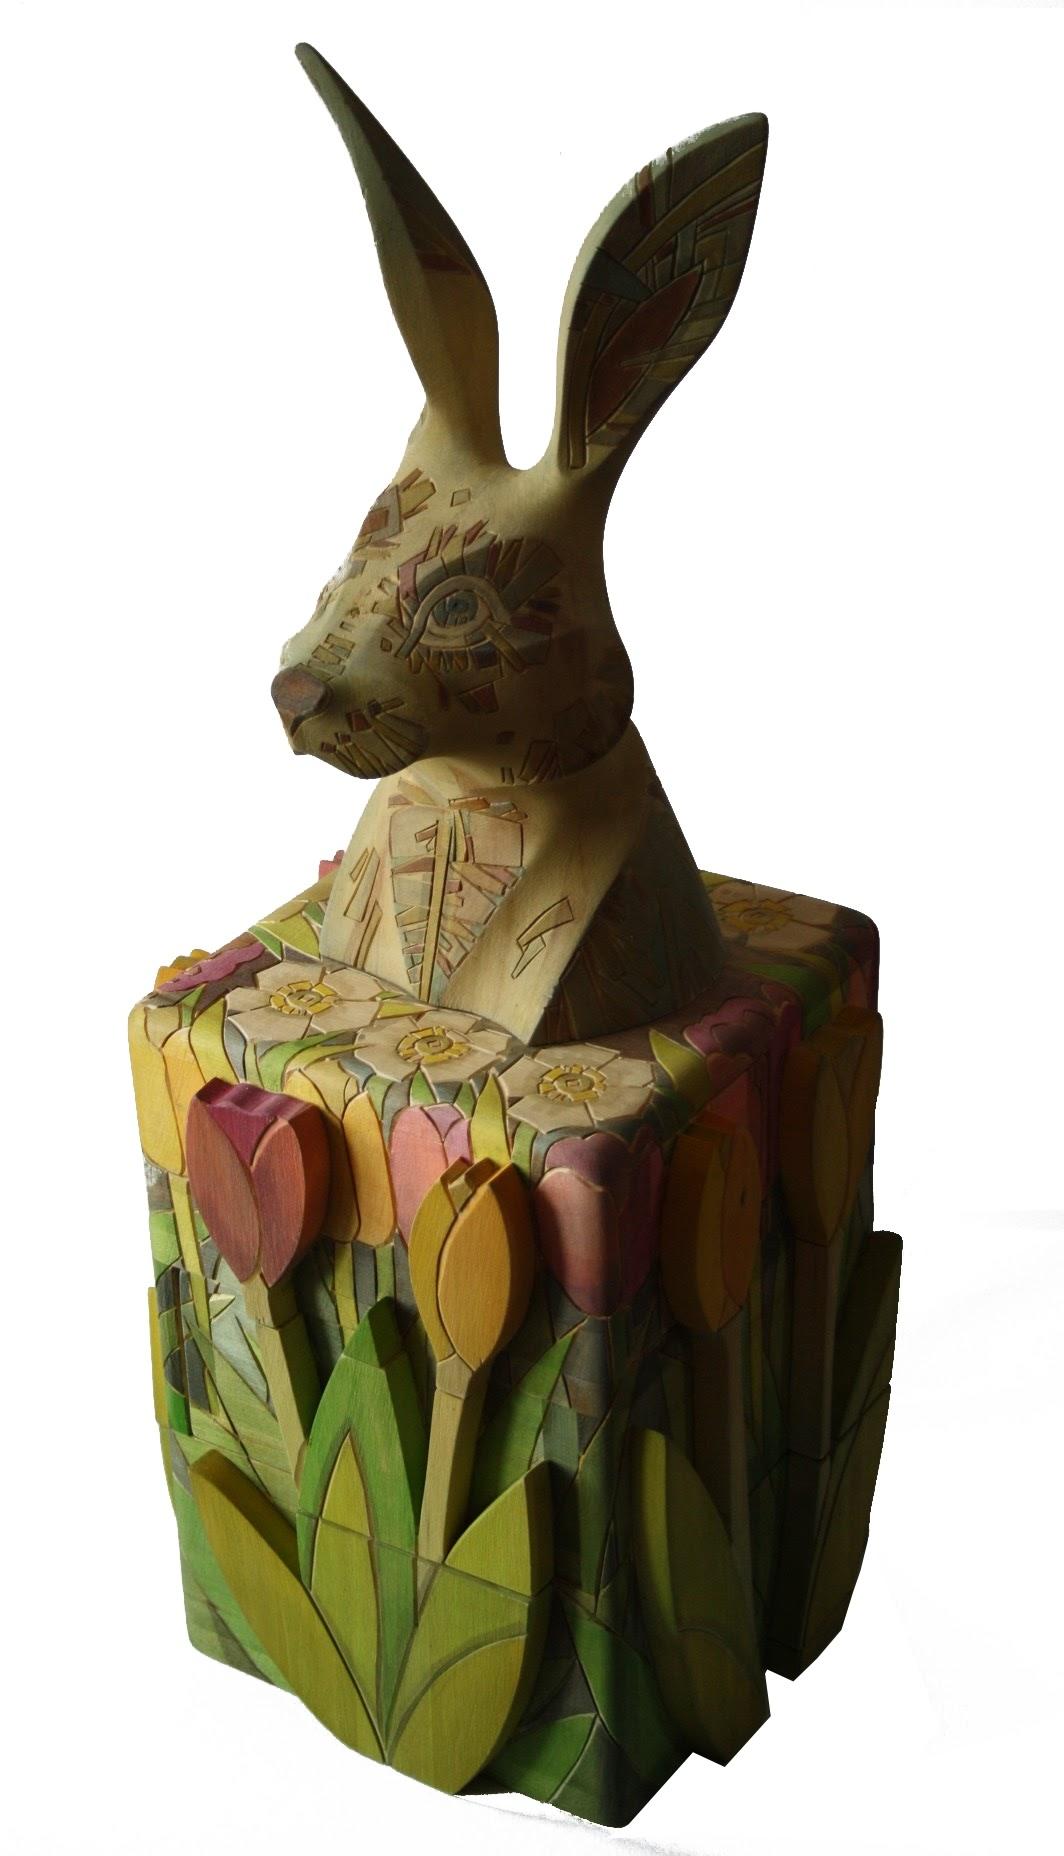 Каталог Ремесел, город Таруса, художник скульптор Пилипенко Сергей, скульптура (дерево/тонировка), Заяц в тюльпанах - комод